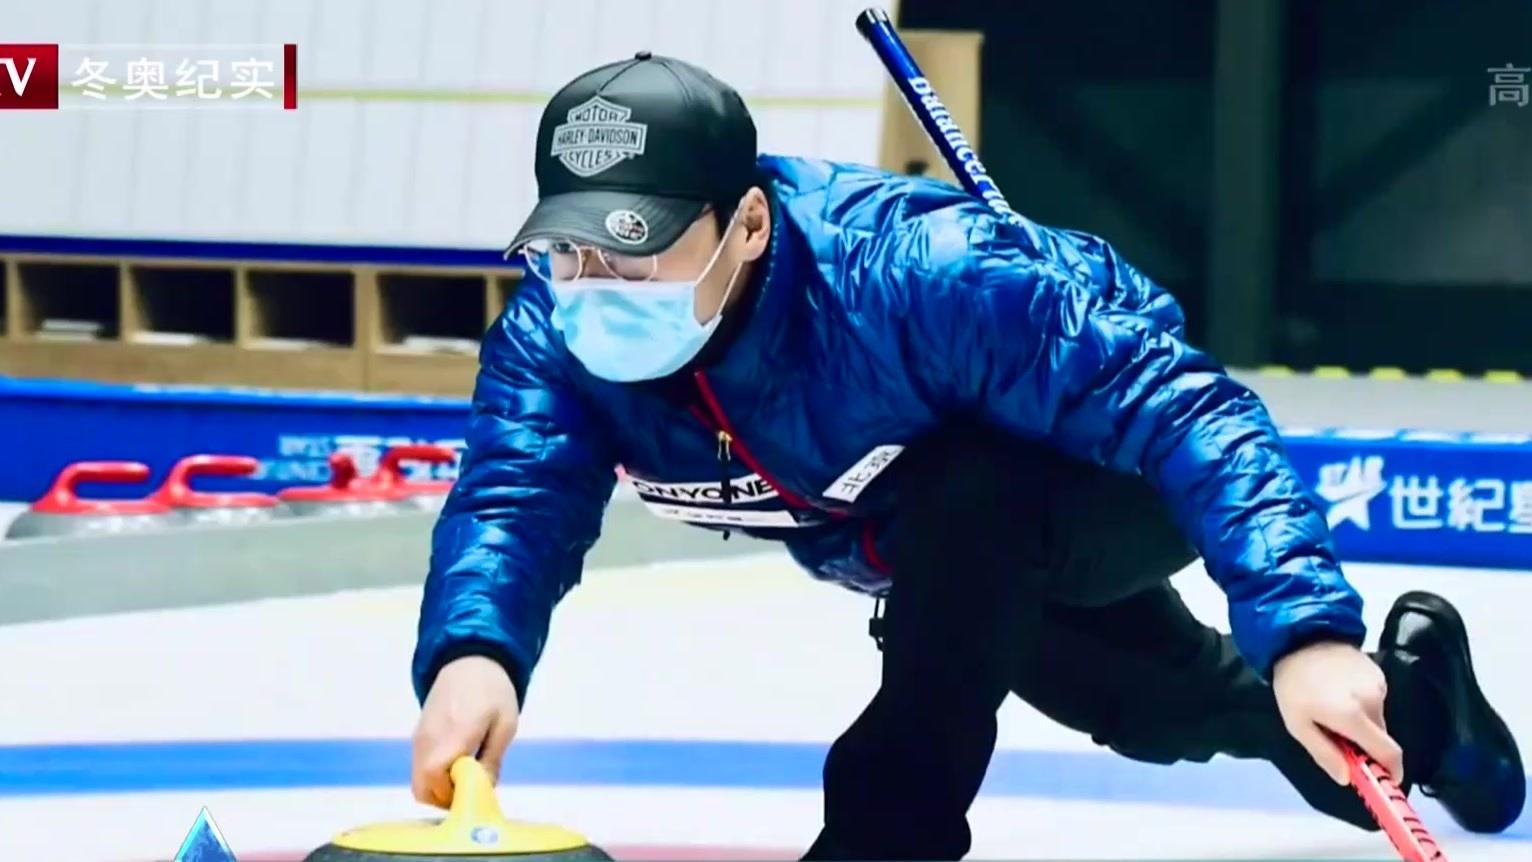 蒲京冰雪专业队:防疫 备战两手抓